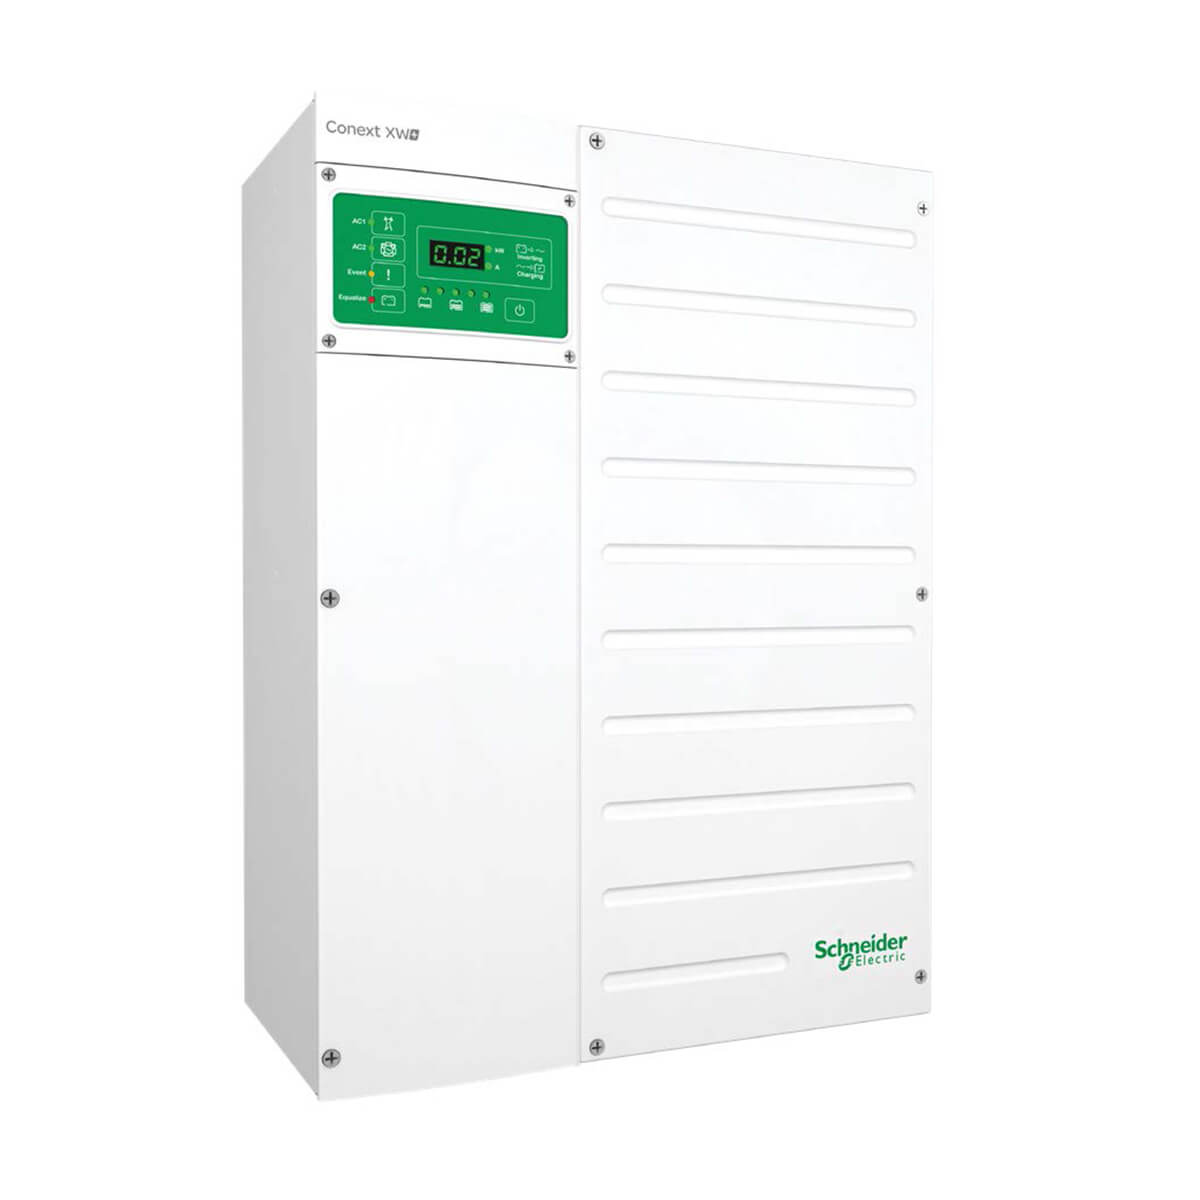 schneider electric 6.8kW inverter, schneider electric XW+ 8548 E 6.8kW inverter, schneider electric XW+ 8548 E inverter, schneider electric XW+ 8548 E, schneider electric 6.8 kW, SCHNEIDER ELECTRIC 6.8 KW,